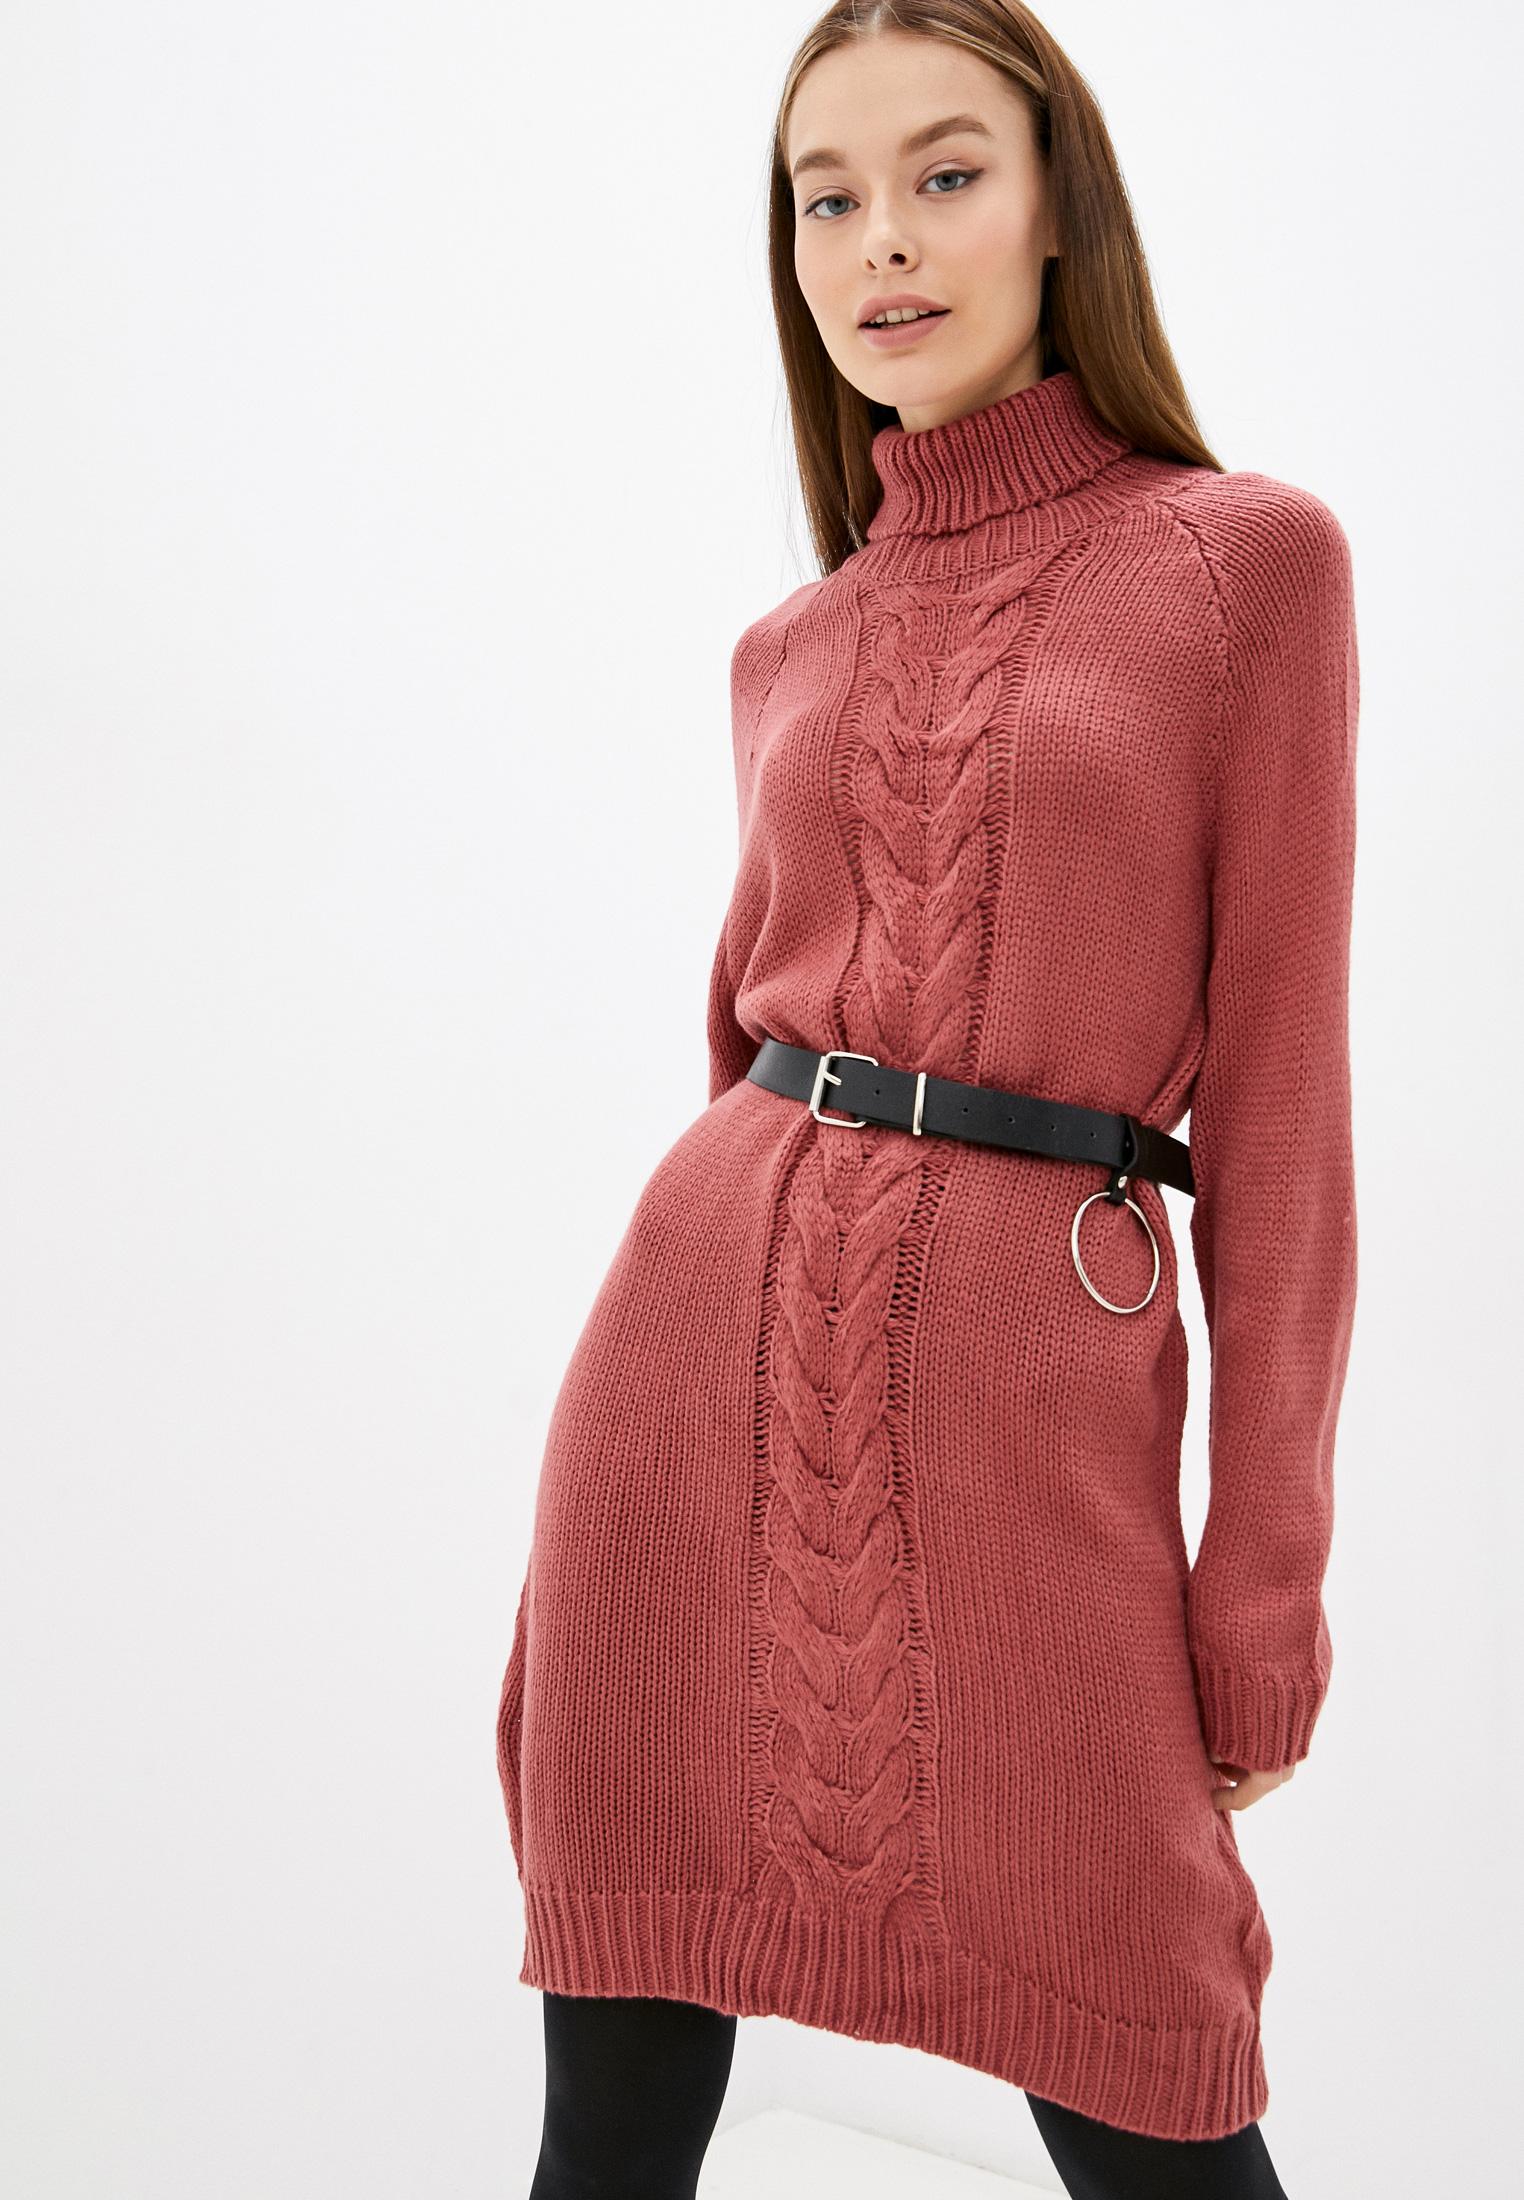 Вязаное платье Dunia DUF21-42-3